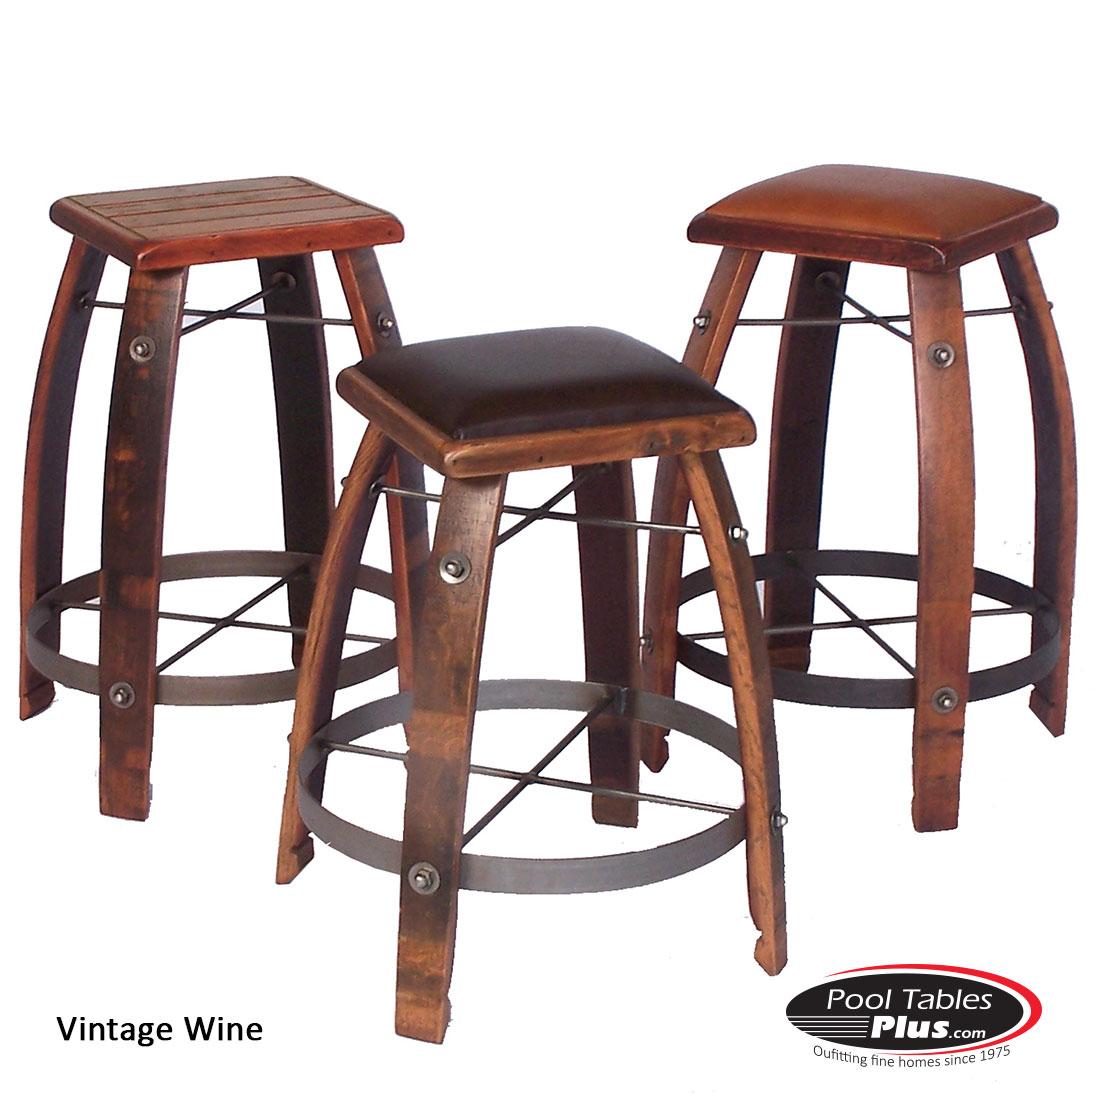 Vintage Wine Square Barstool